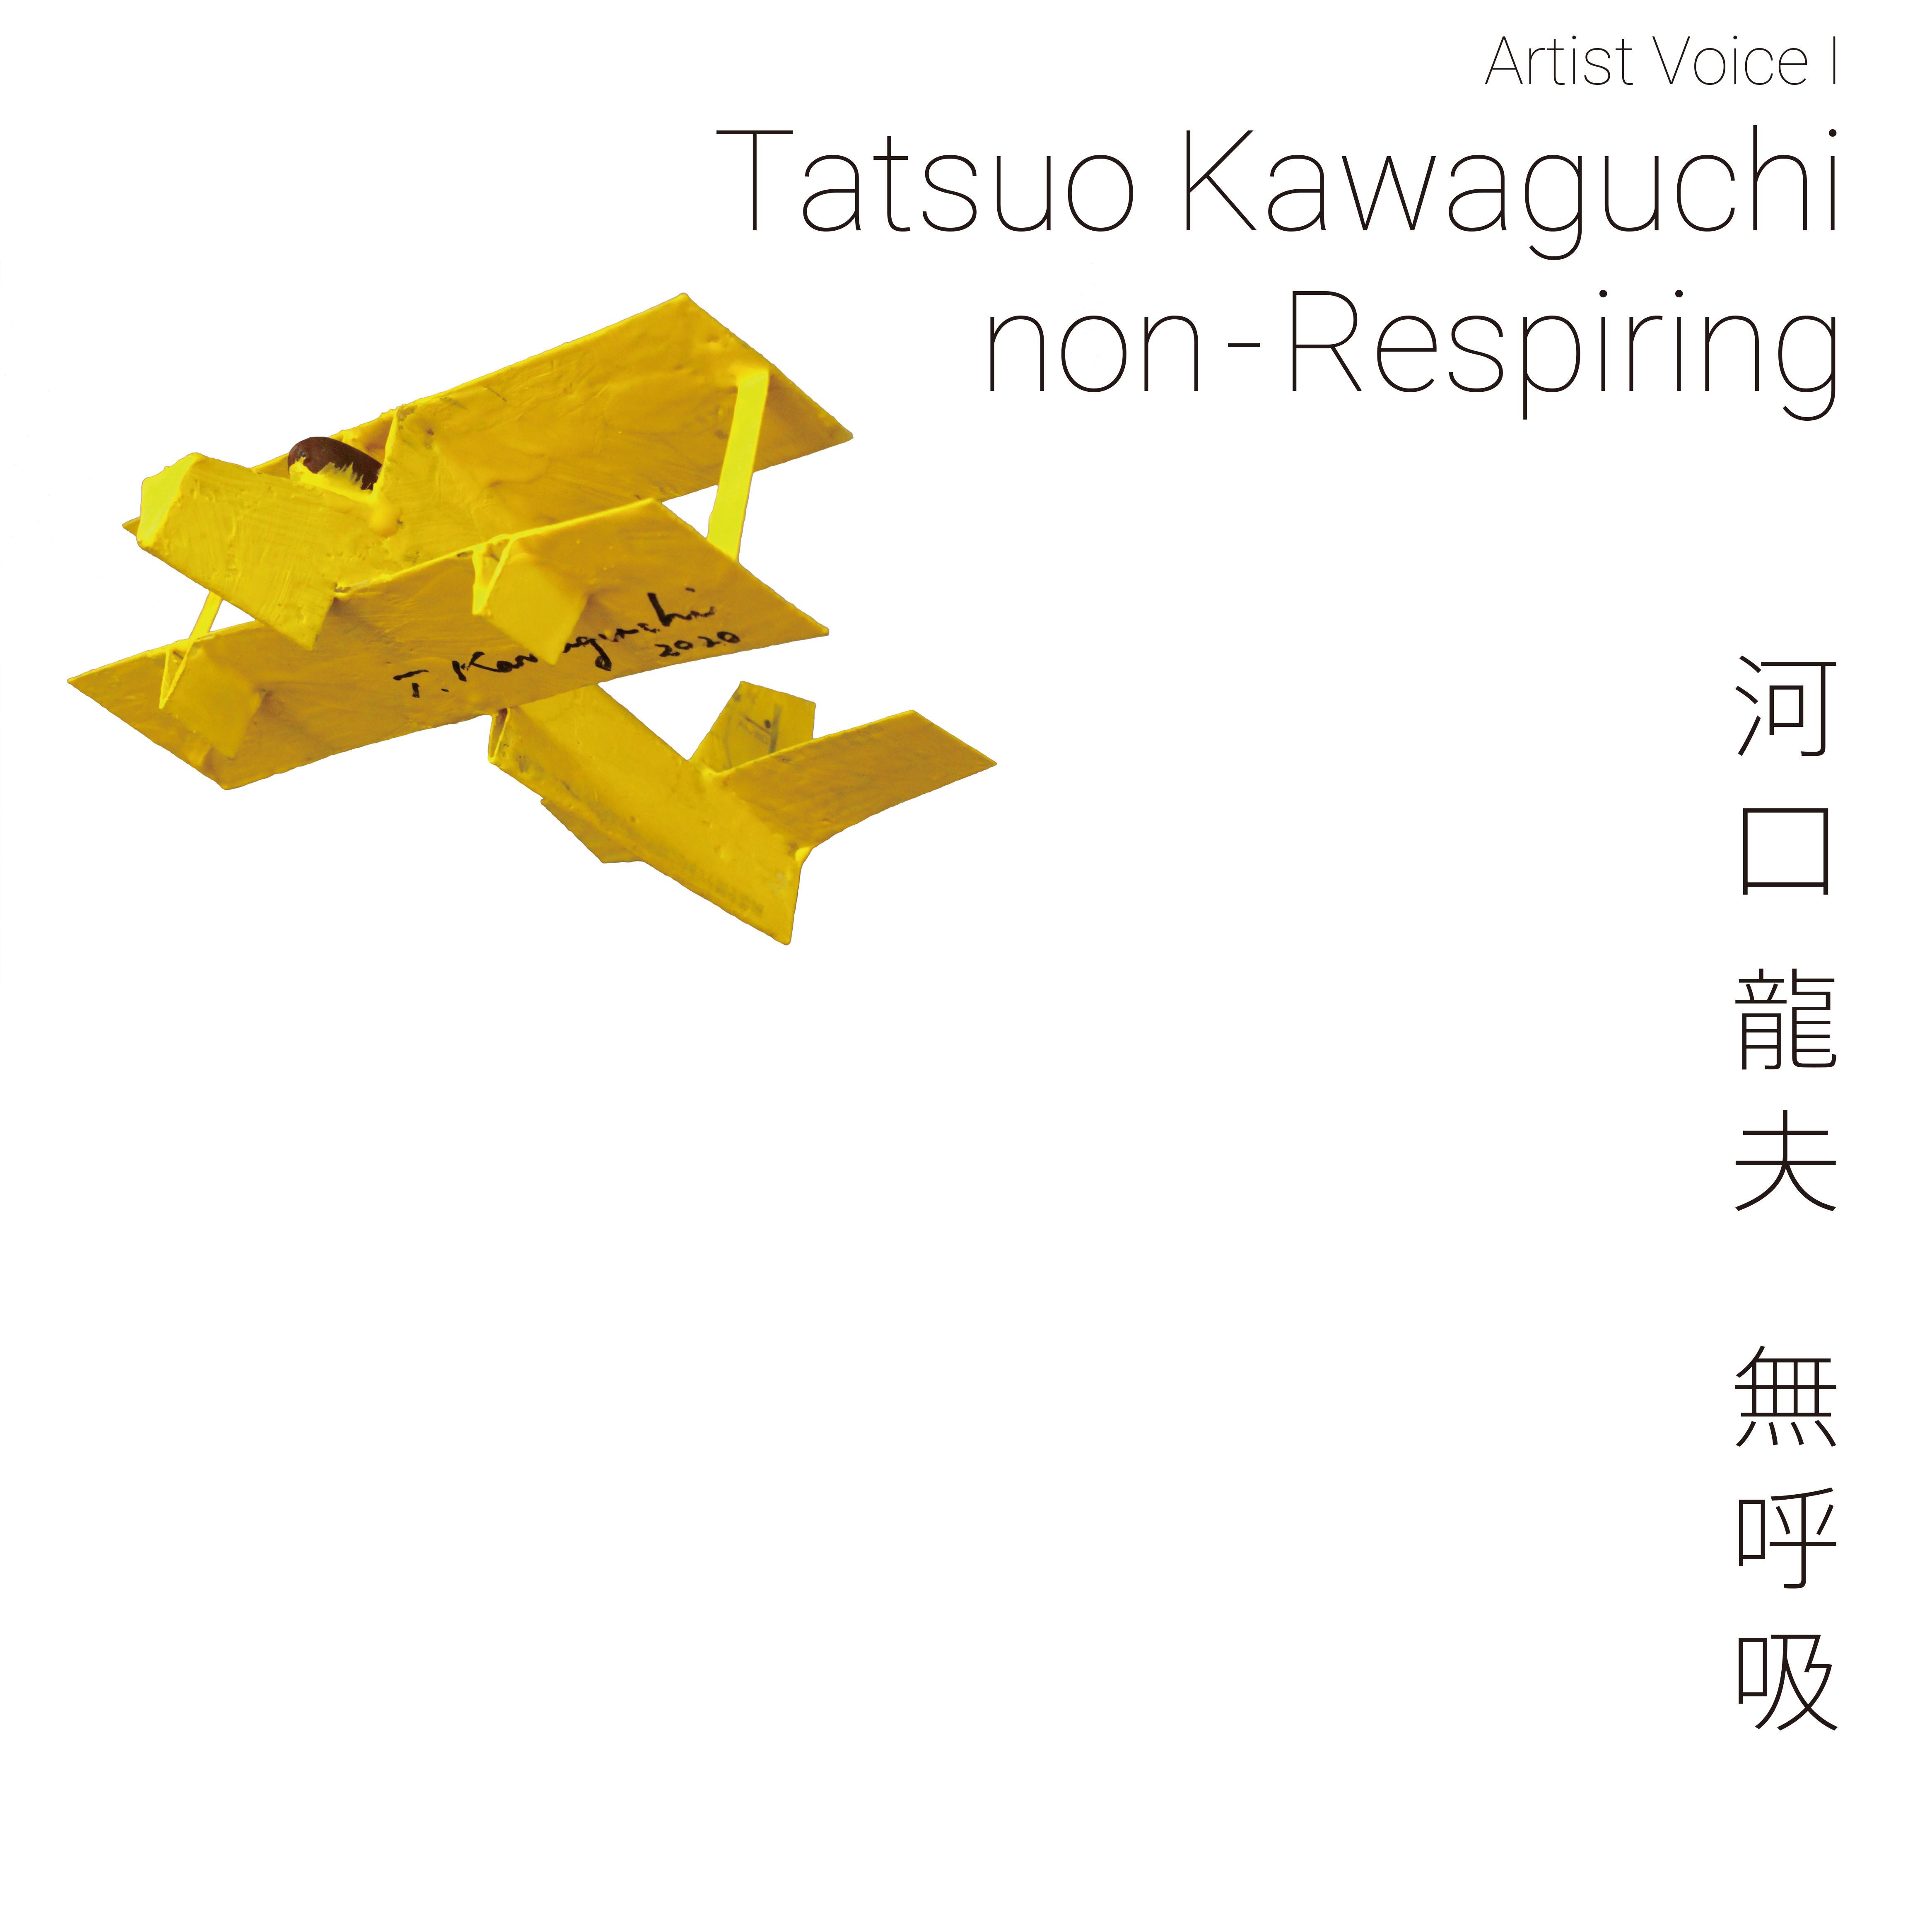 Tatsuo Kawaguchi @ Keio University Art Center, Tokyo